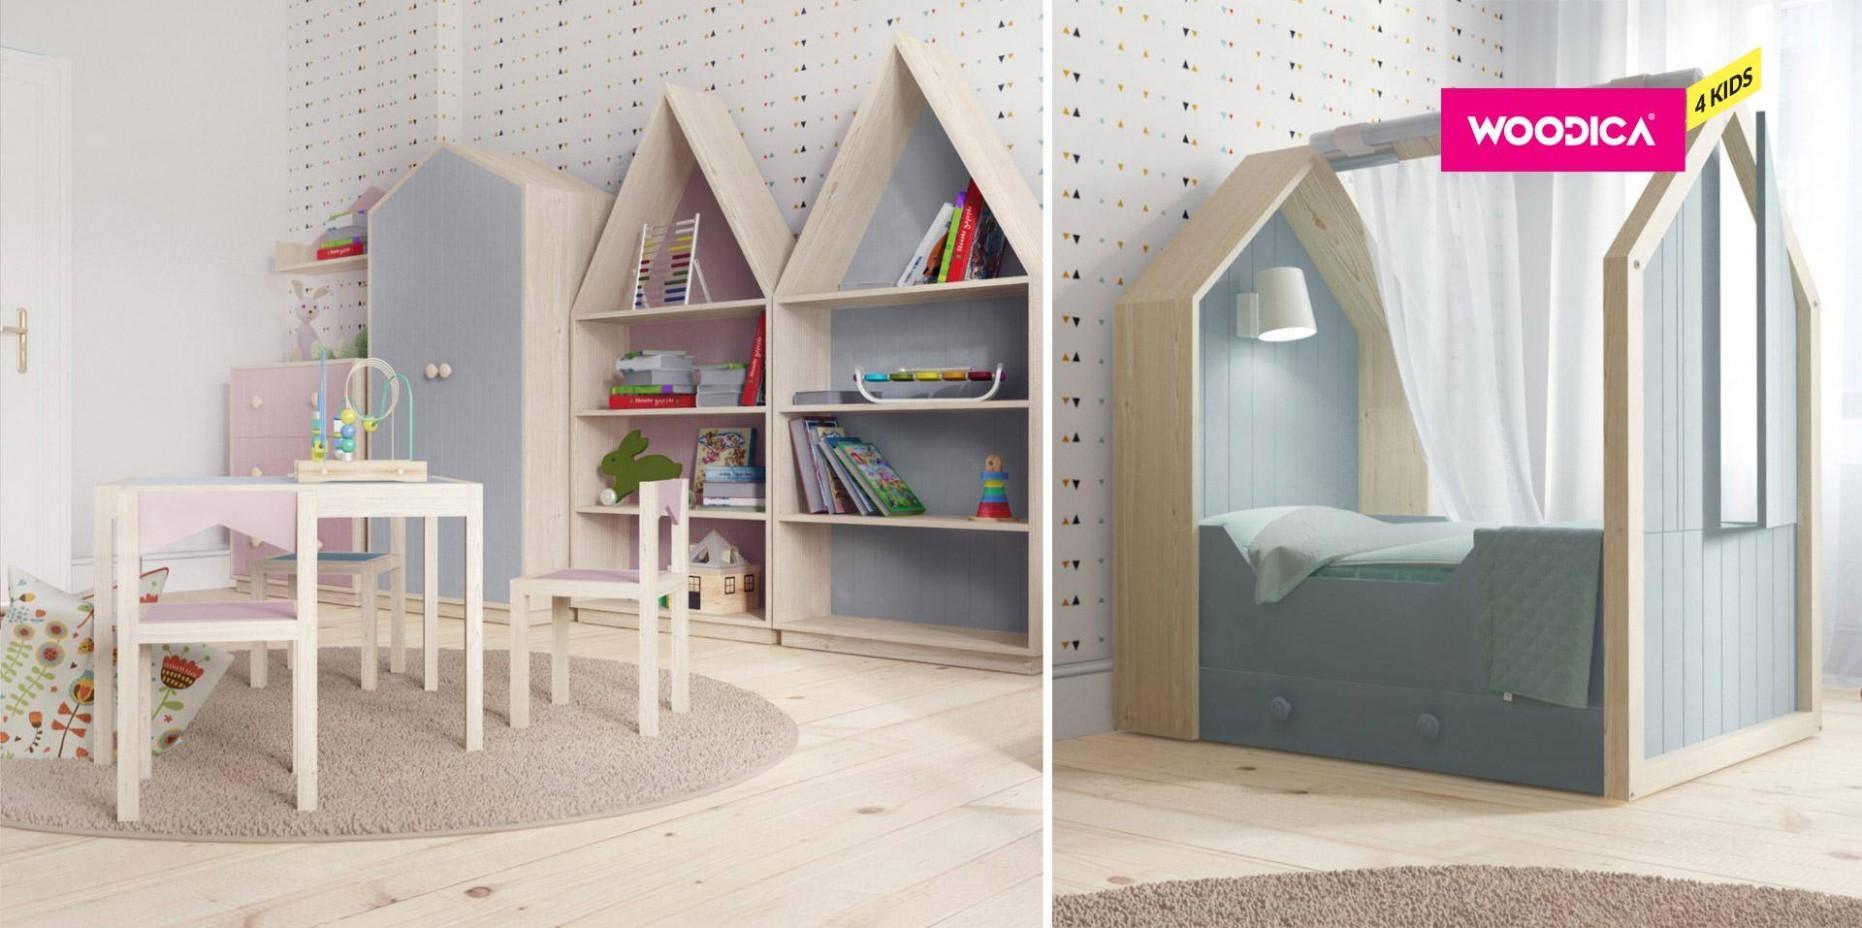 Borovicový nábytek z masivu, dřevěný nábytek.Skříně,komody,postele ...